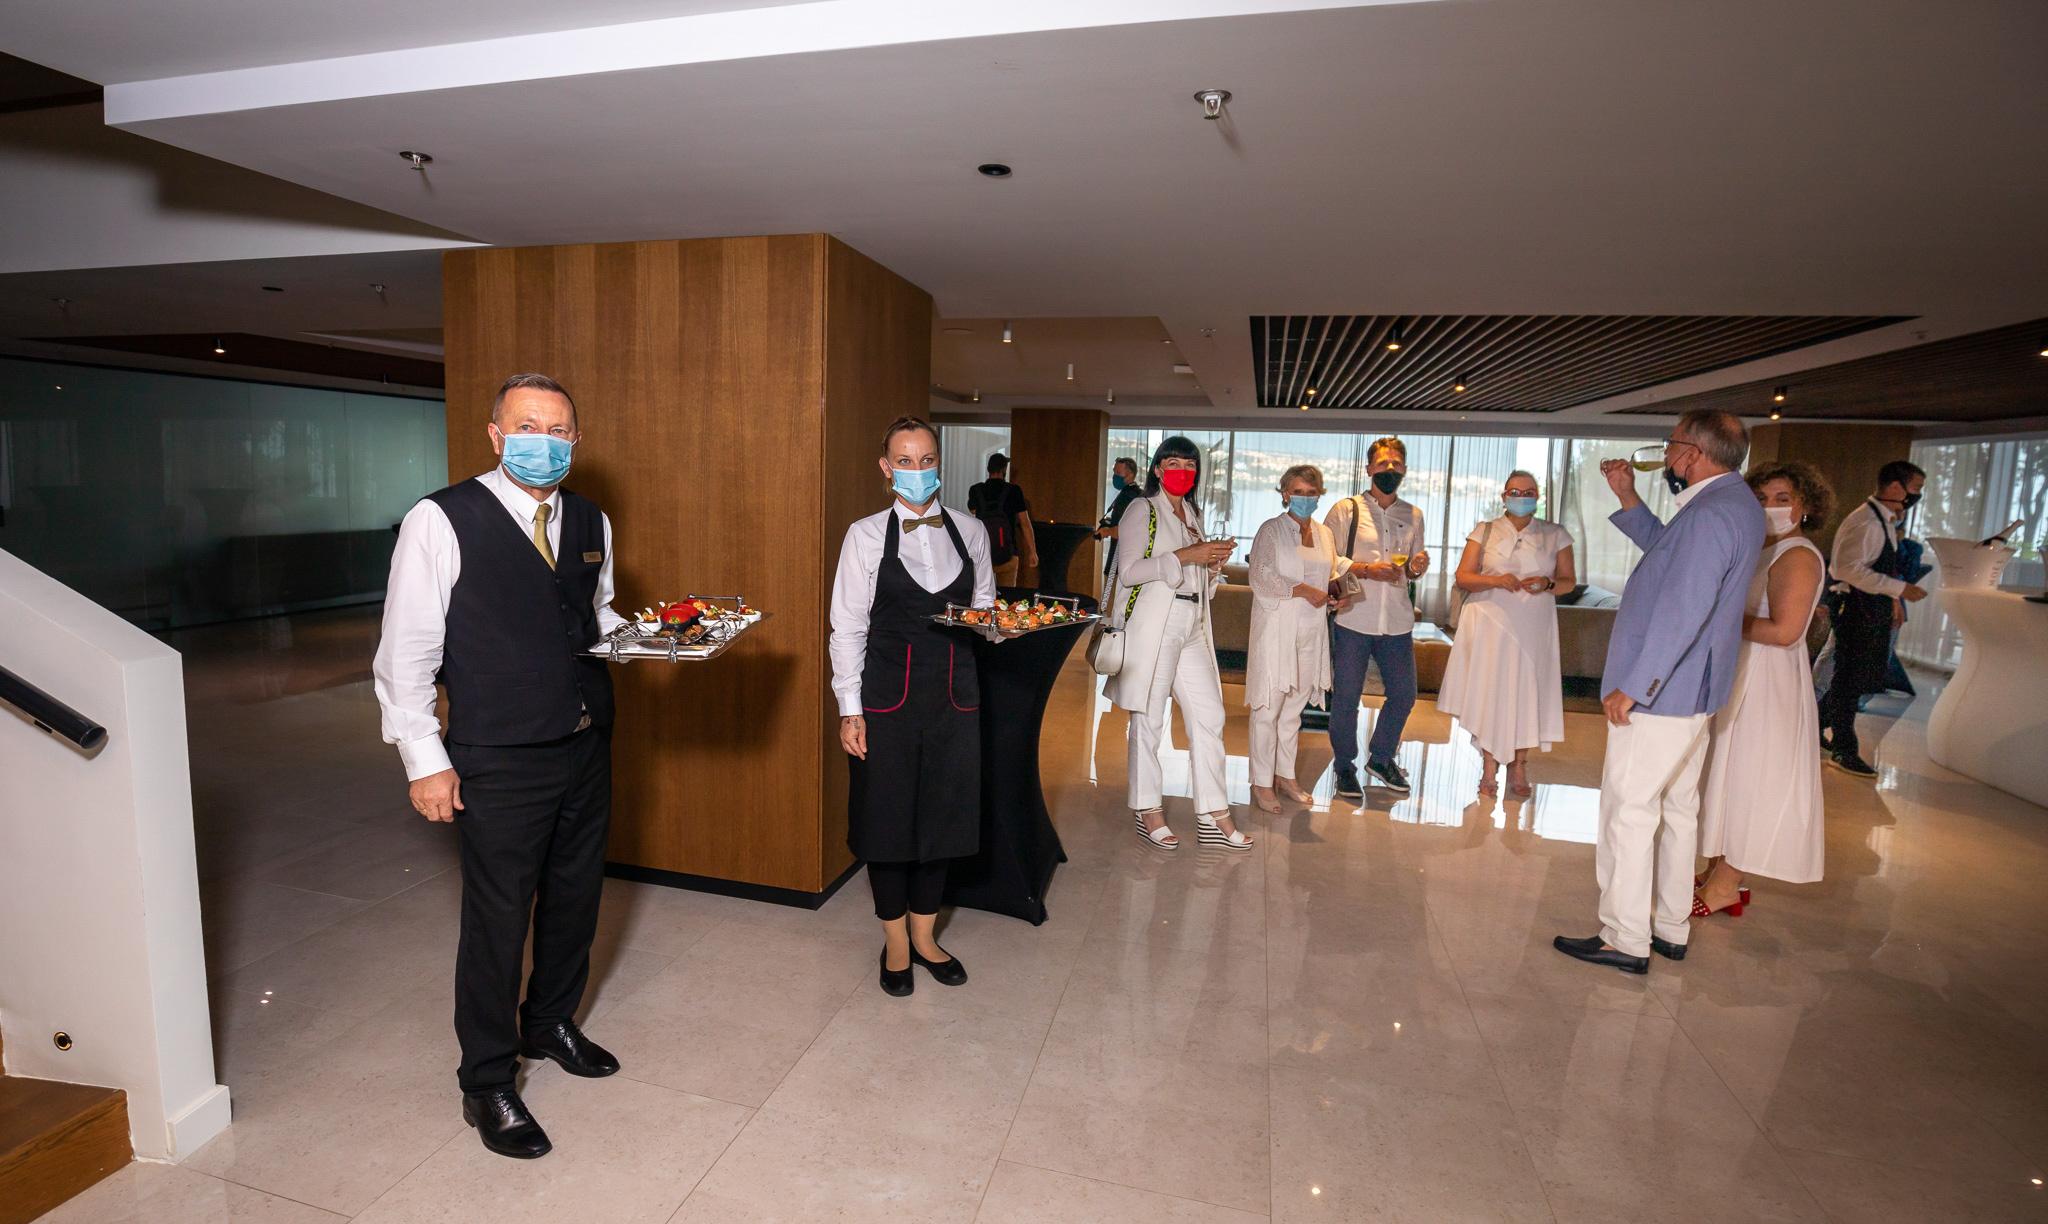 Najljepši event ovoga ljeta održao se na terasi hotela Kvarner povodom otvorenja Poliklinike Poliderma u Hotelu Ambasador